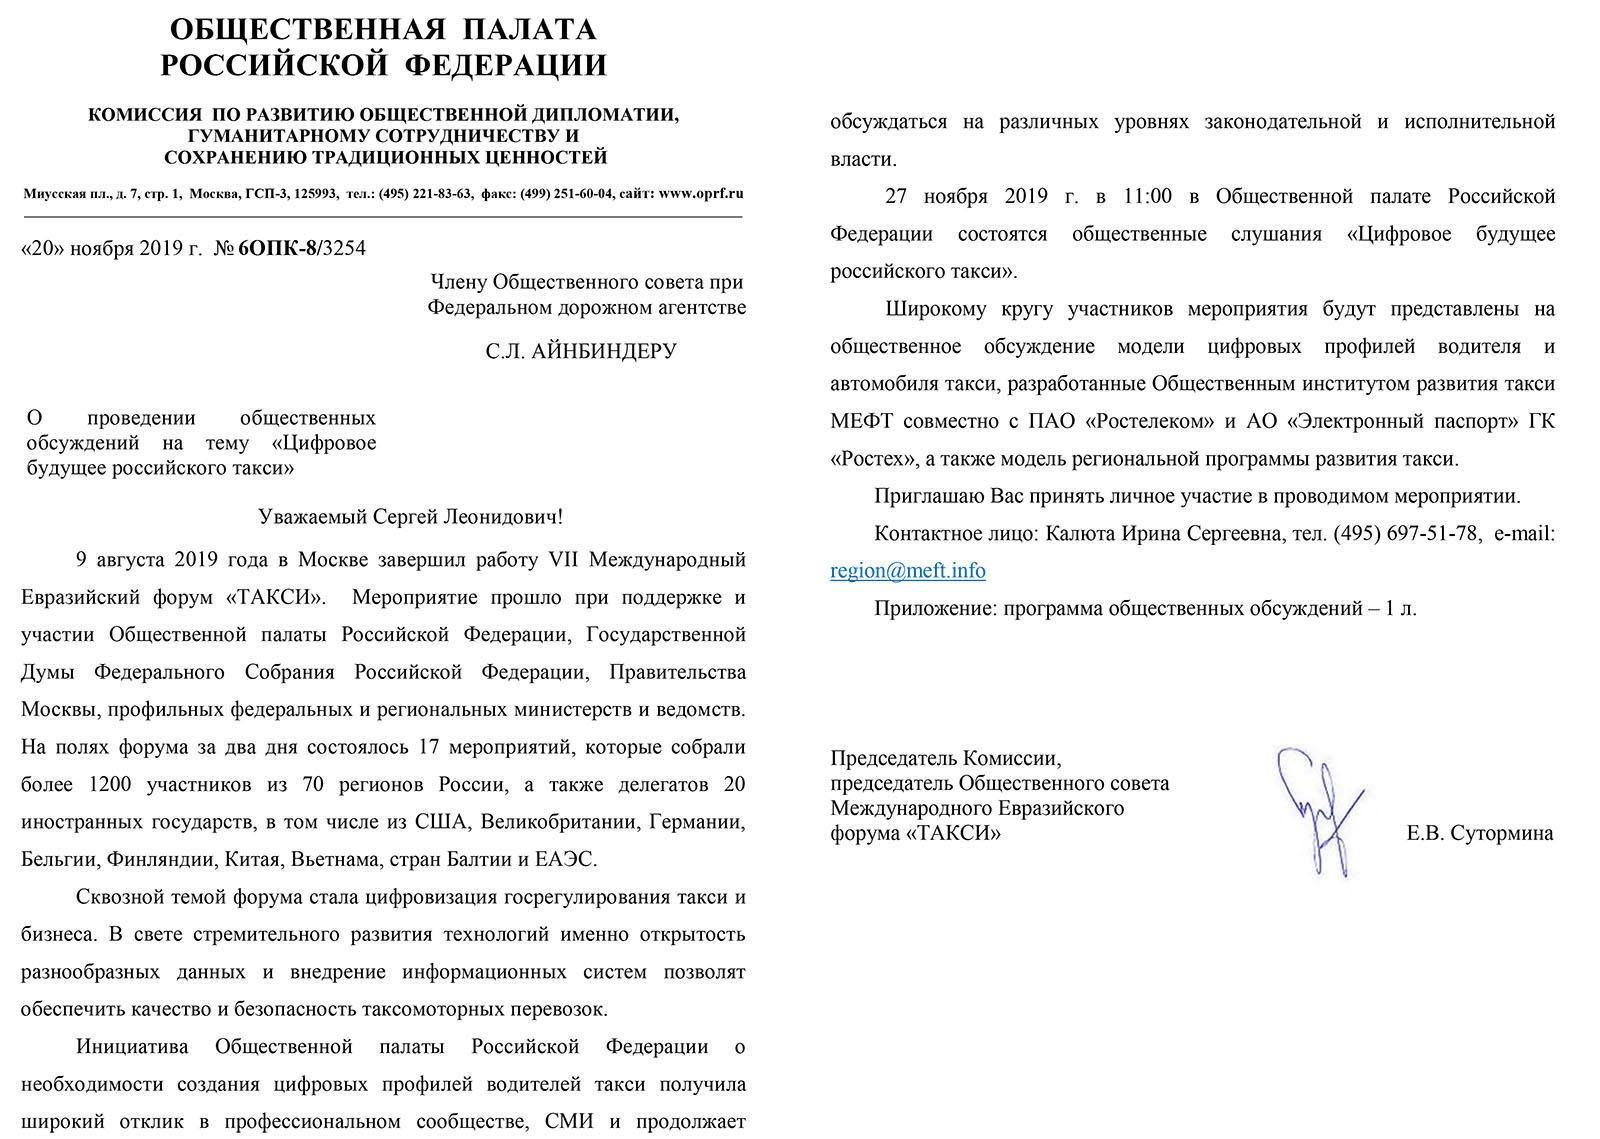 Федеральное_дорожное_агентство_Айнбиндеру С.Л.jpg